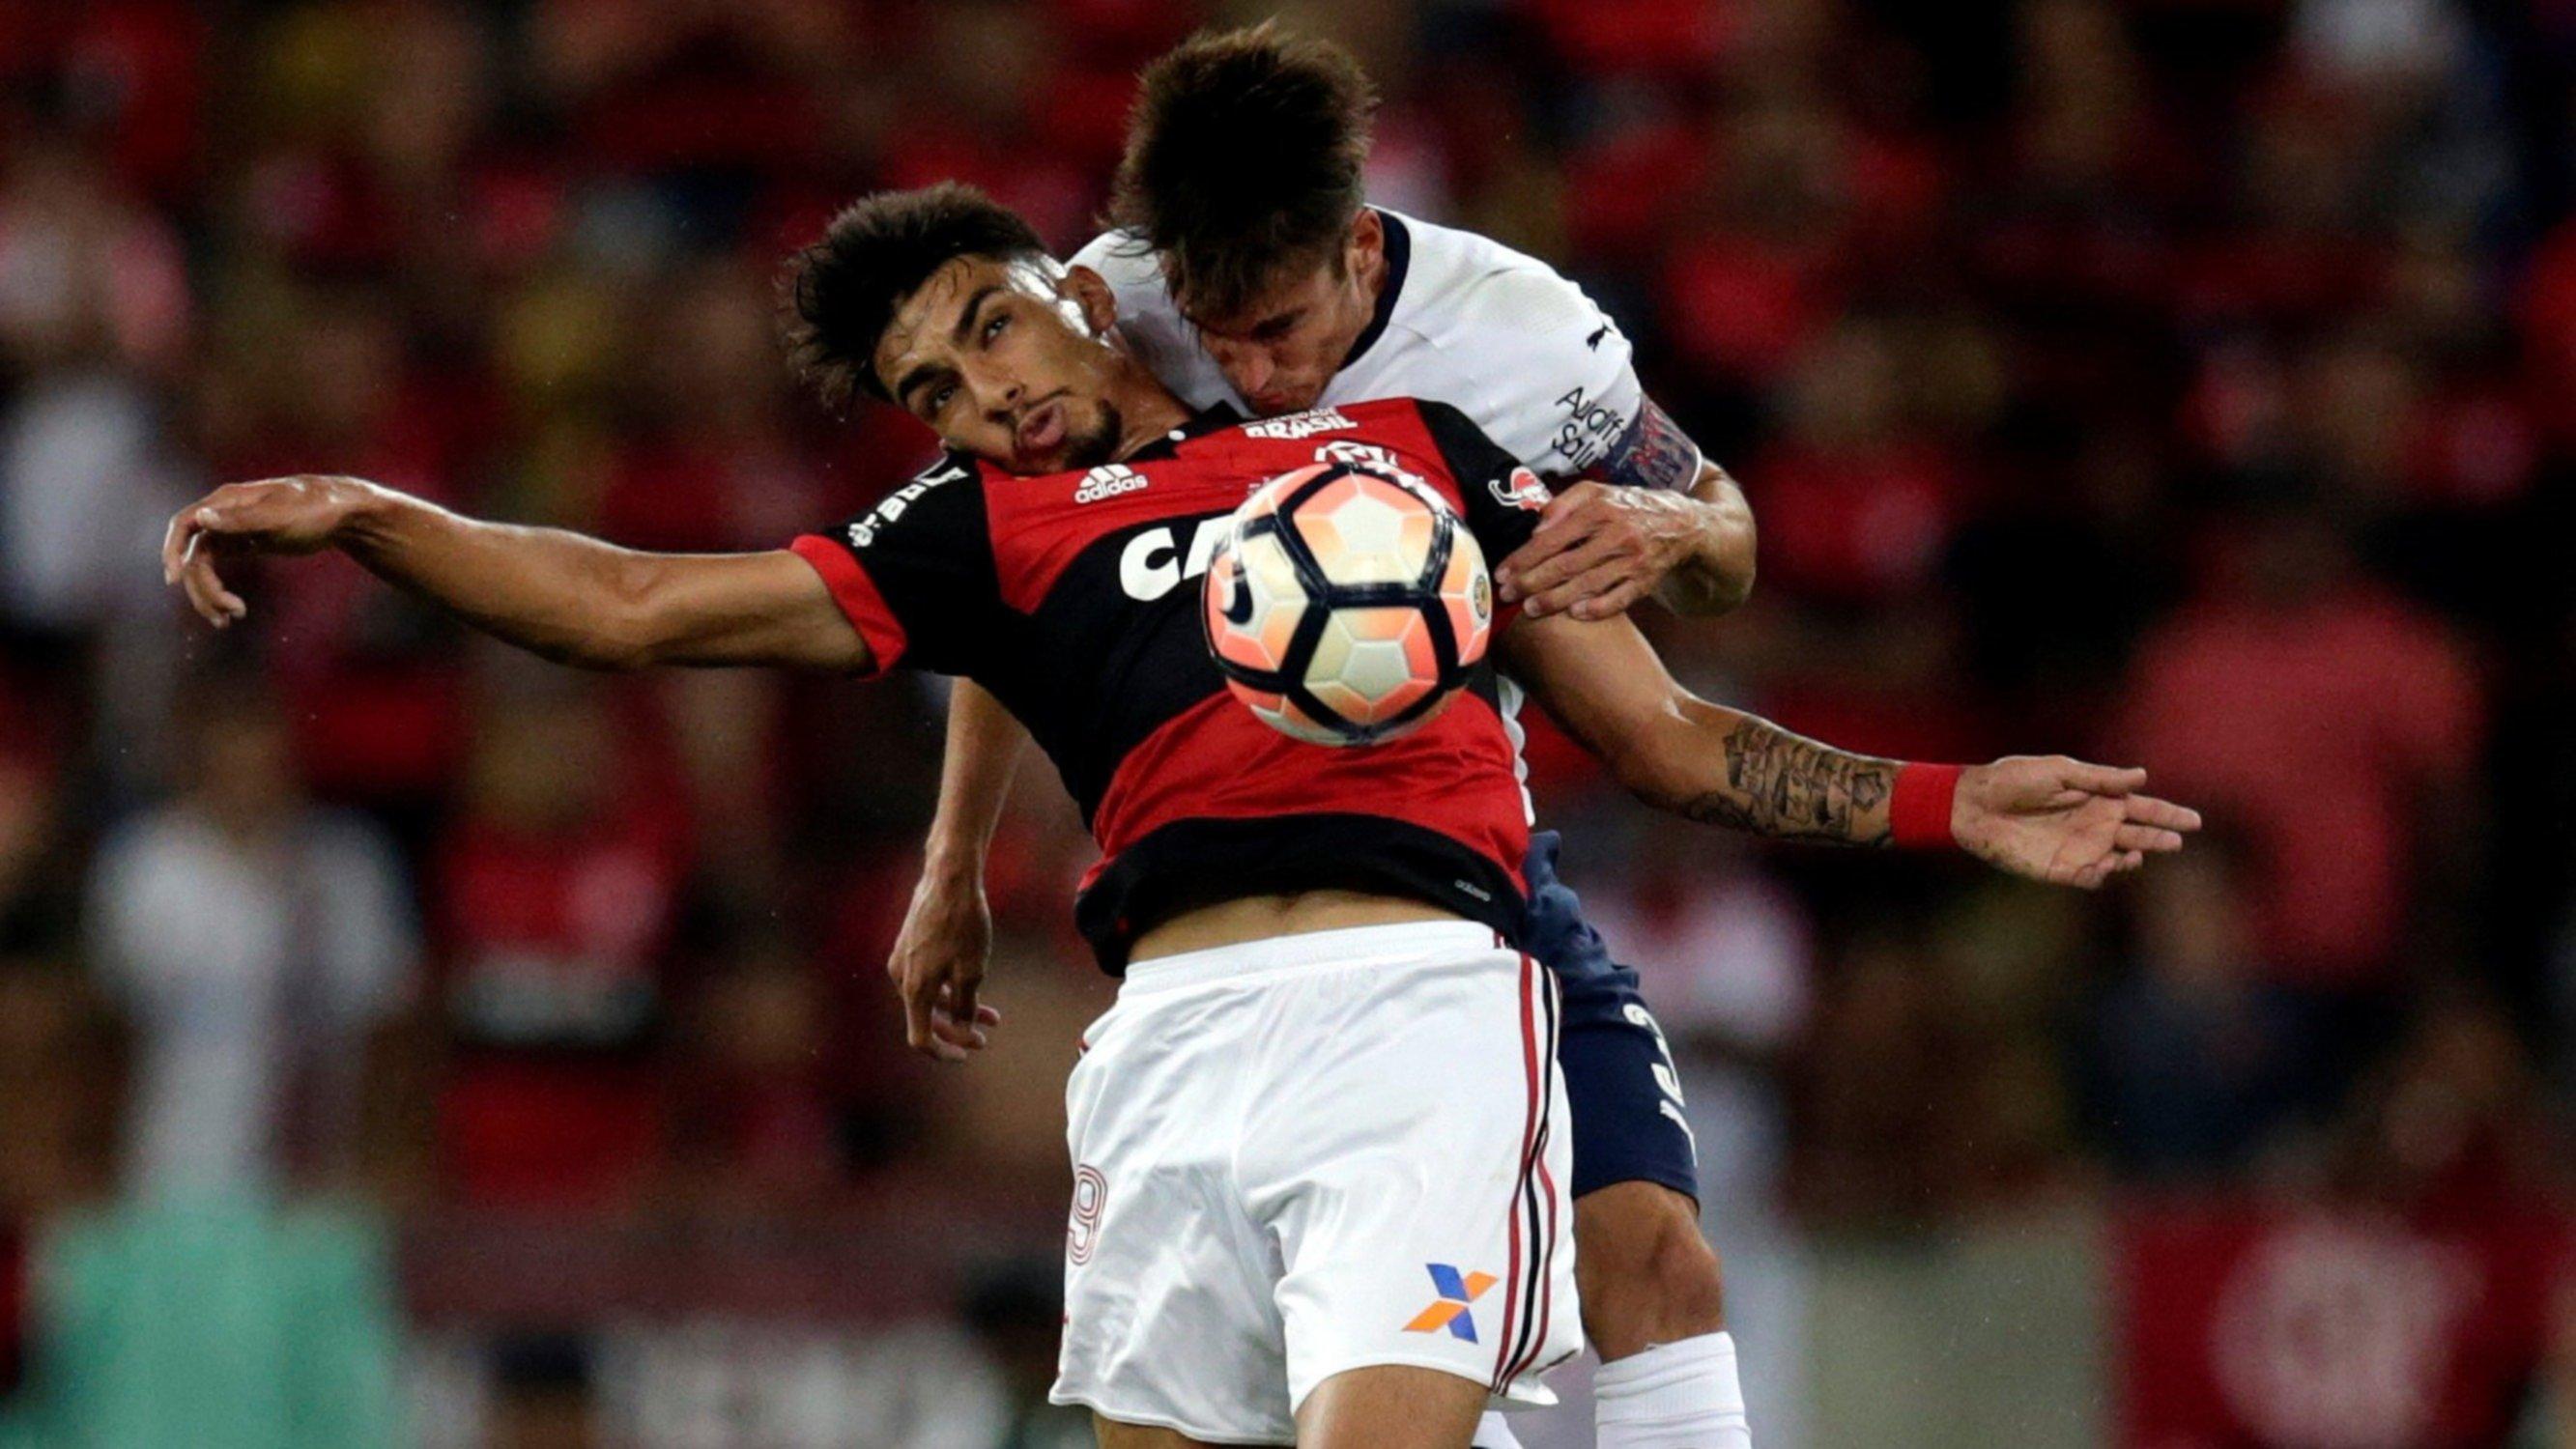 Independiente empató ante Flamengo 1 a 1 y se coronó campeón